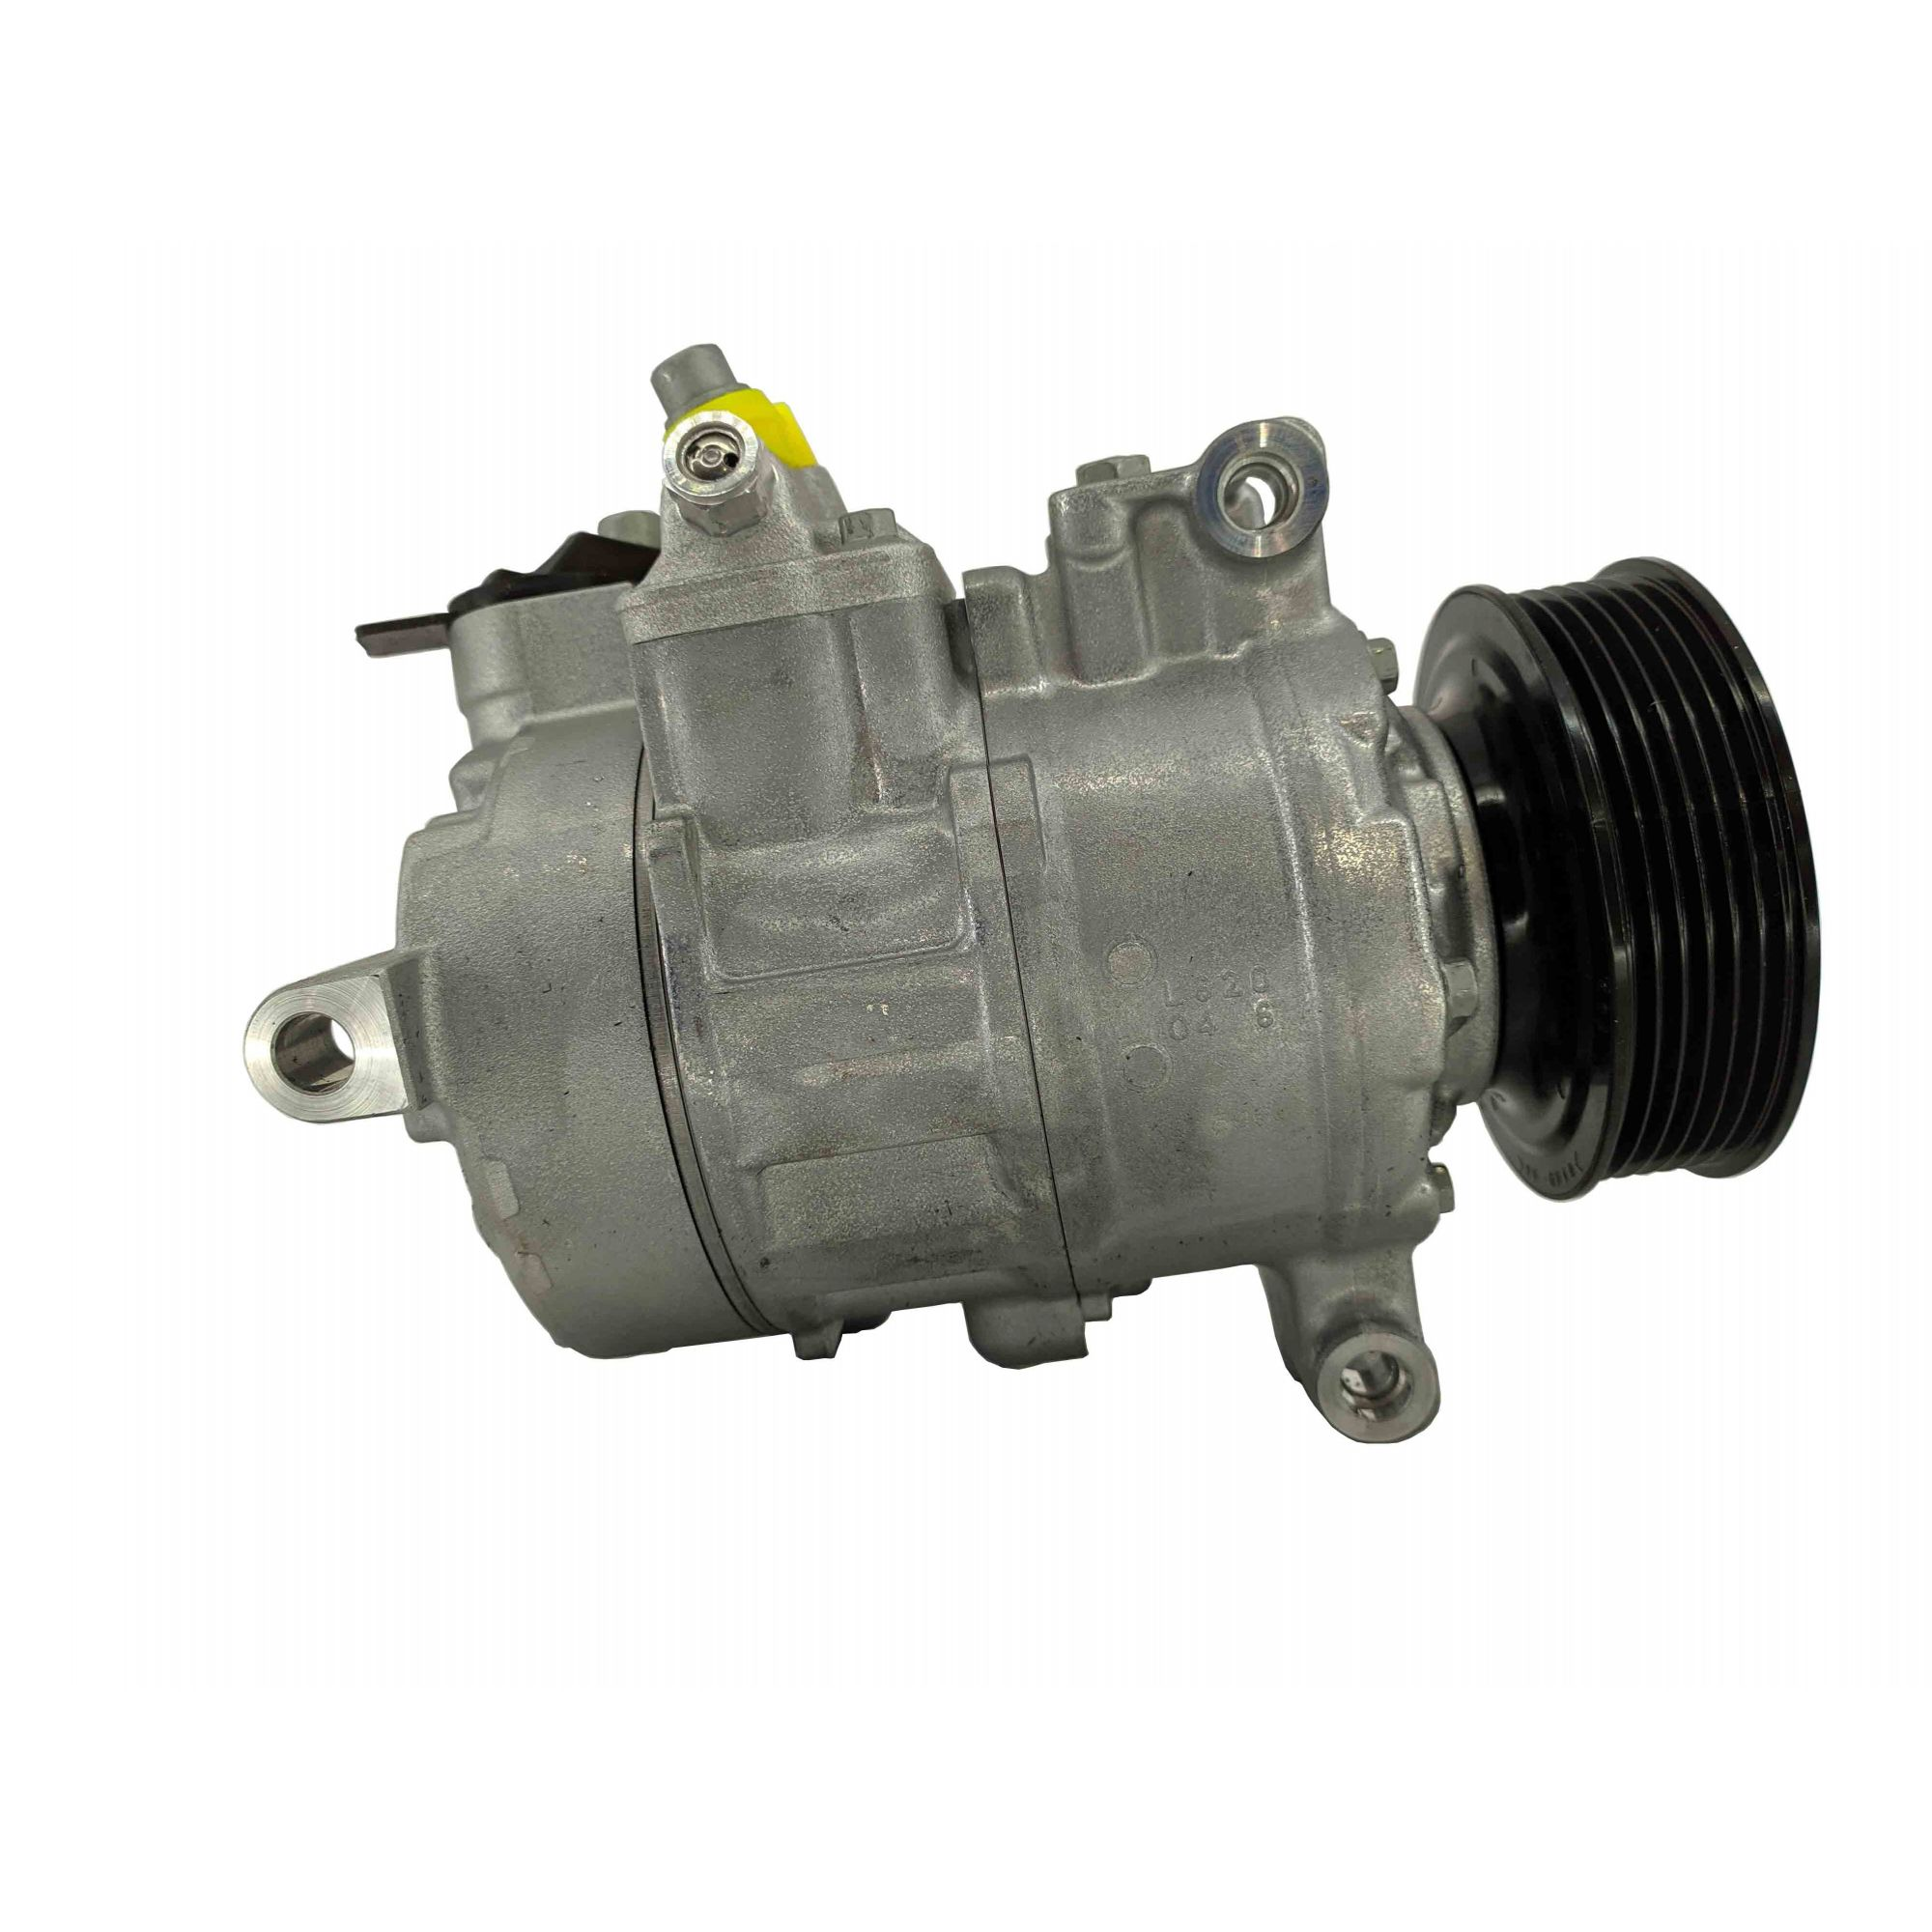 Compressor Amarok 2.0 2012 em diante - DENSO original